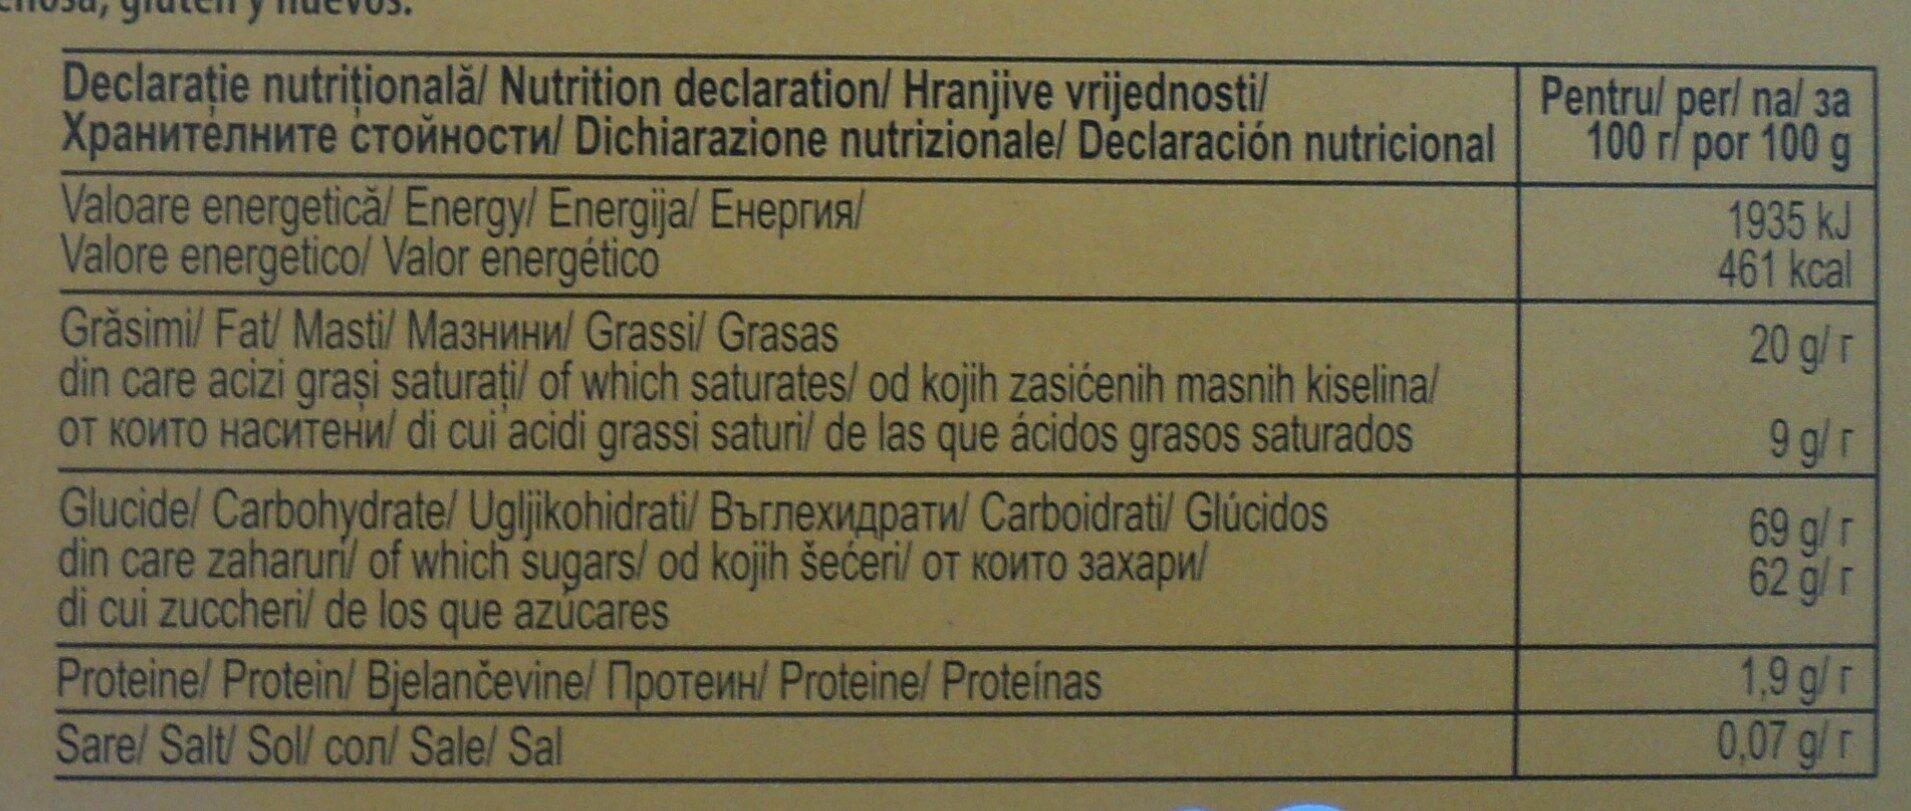 Bomboane cu cremă cappuccino - Nutrition facts - ro